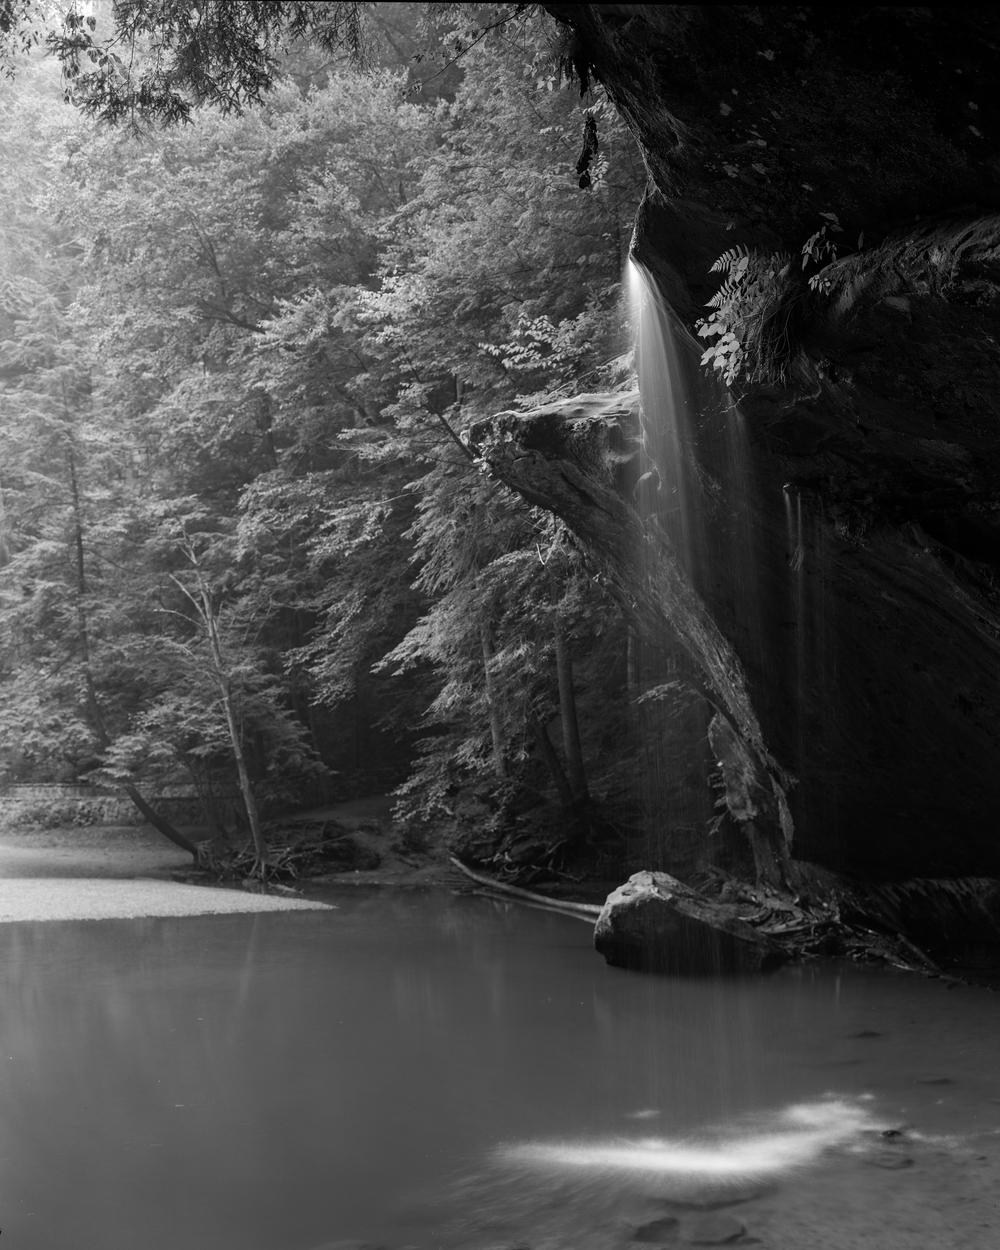 Underneath Lower Falls